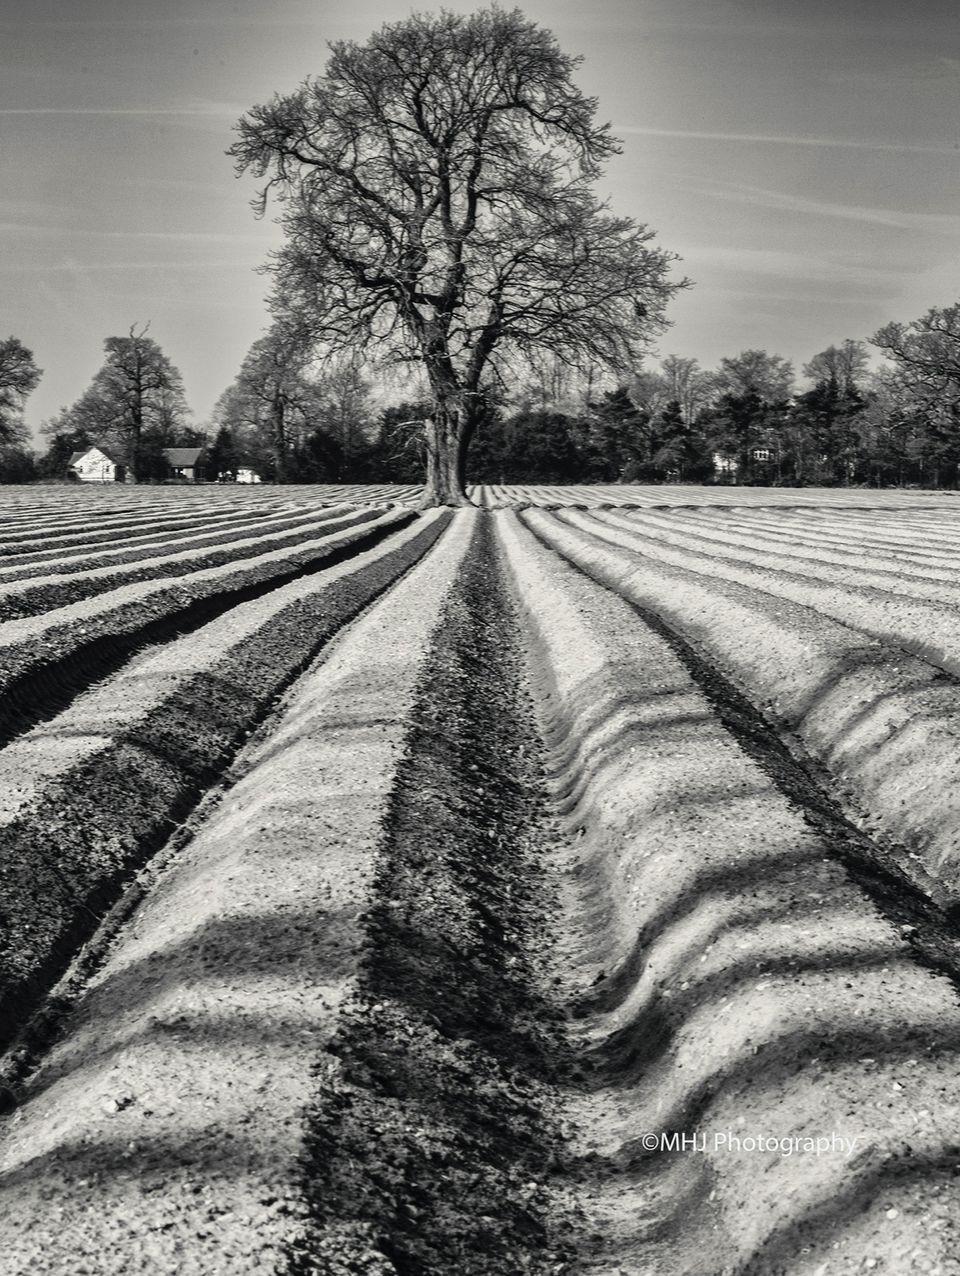 BW Plow field